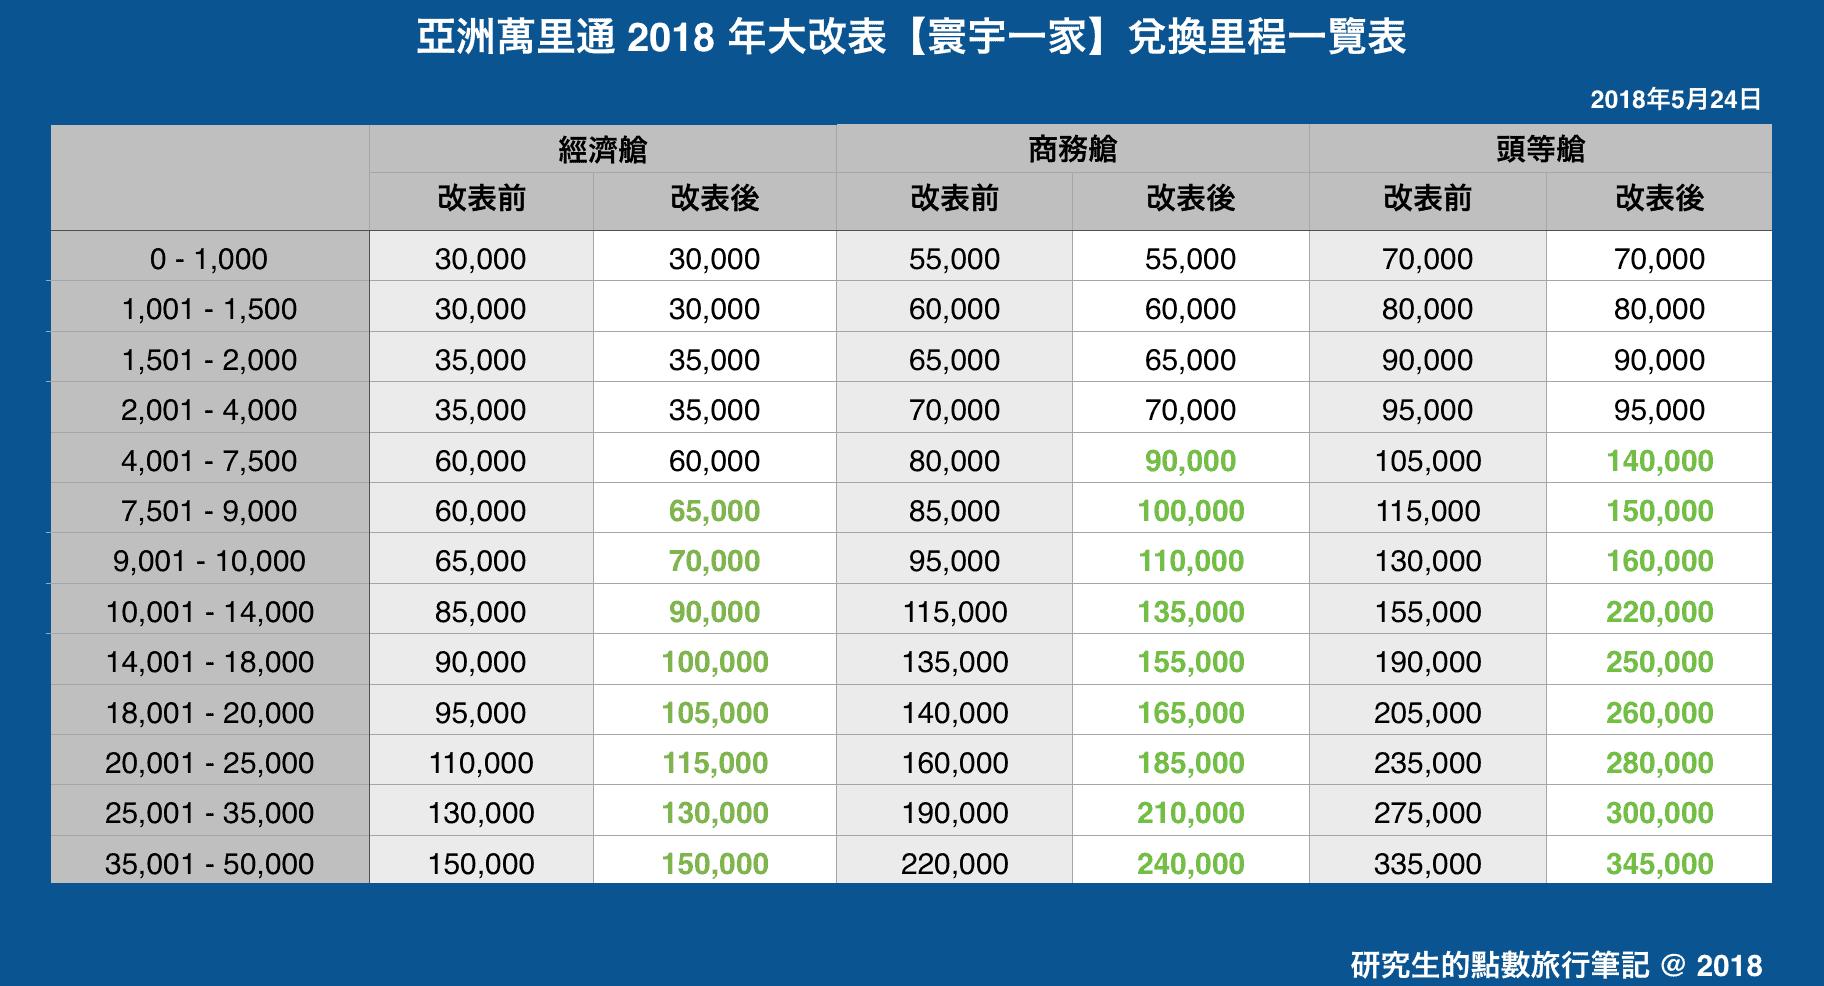 亞洲萬里通 2018 年大改表【寰宇一家】兌換里程一覽表